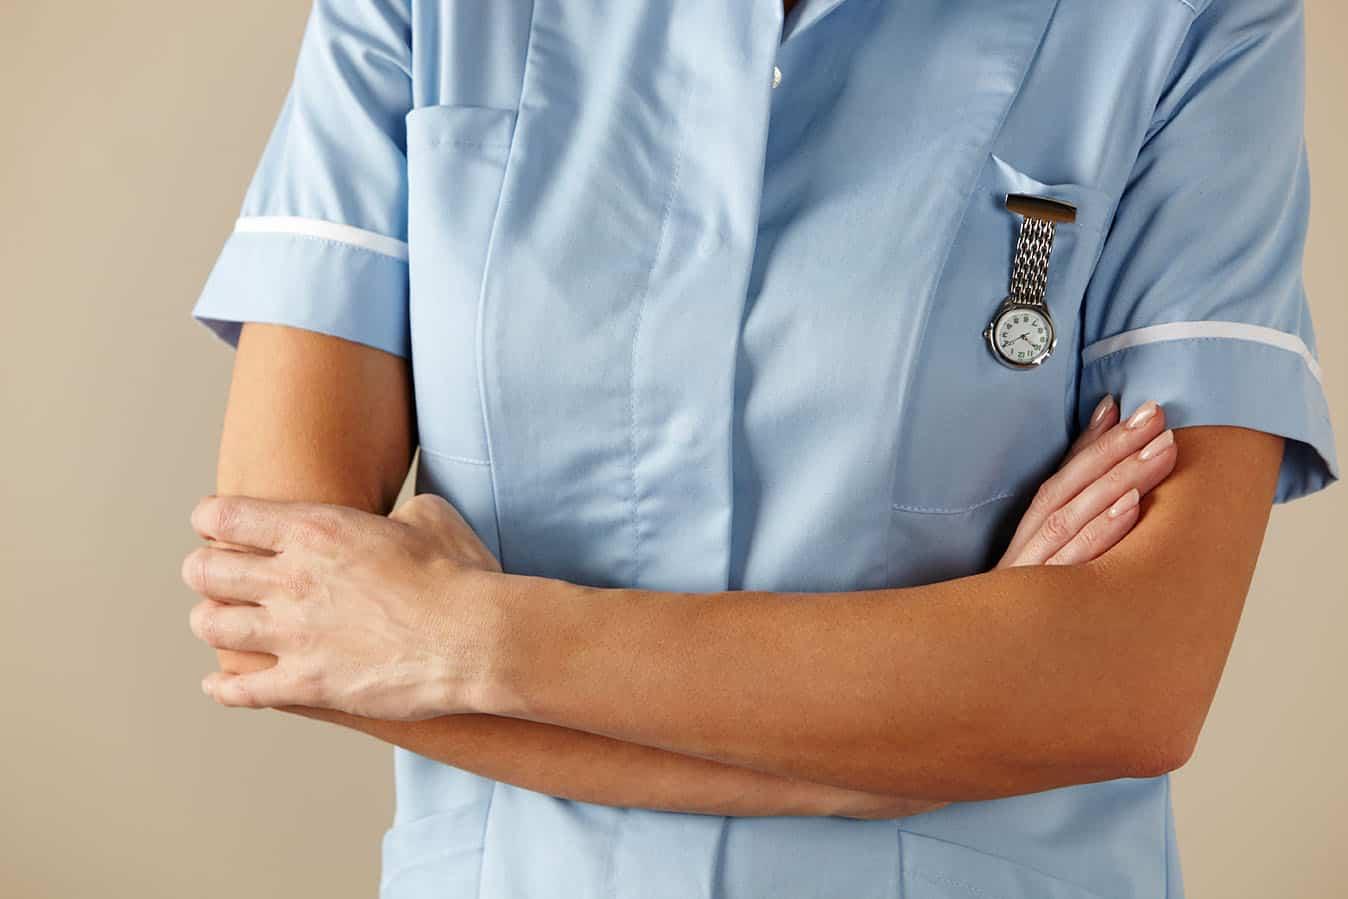 تعرف على قصة ممرضة فقدت مدخرات حياتها في عملية احتيال بالعملات المشفرة